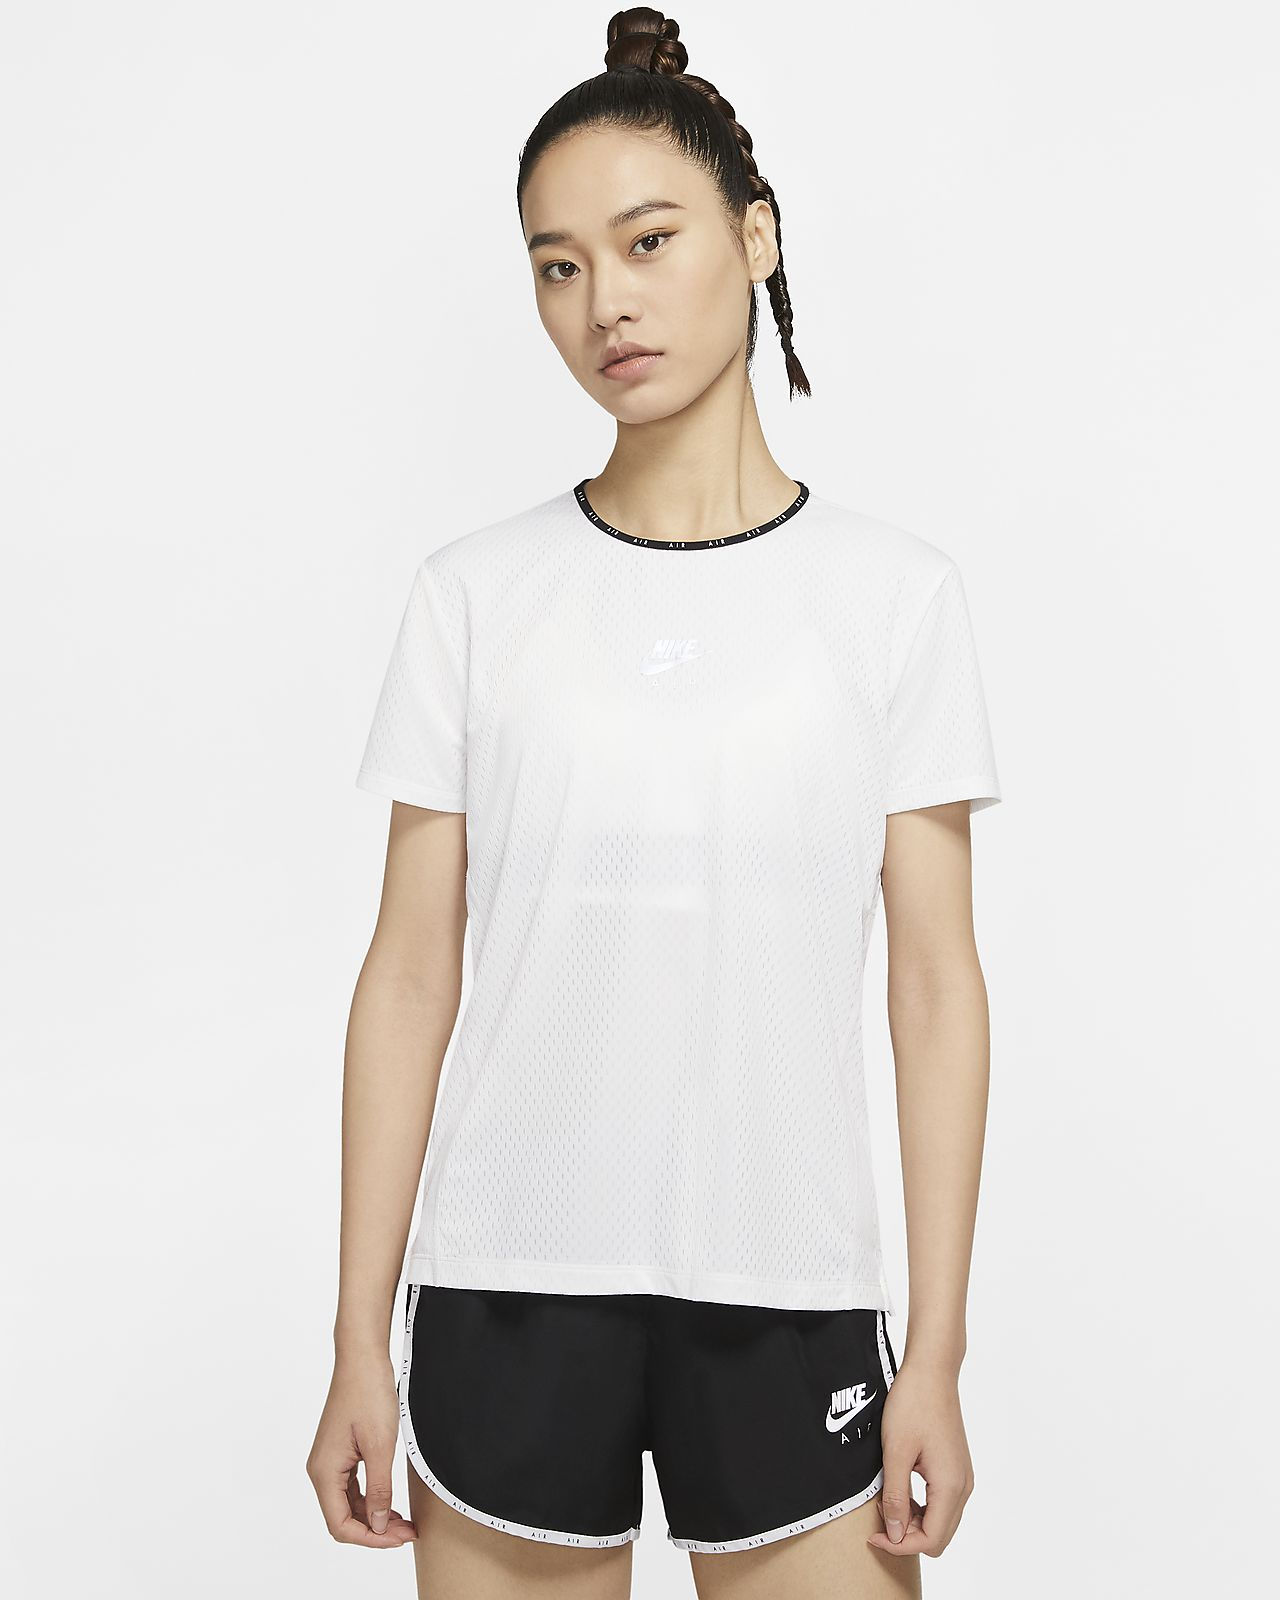 Nike Air 女子短袖跑步上衣